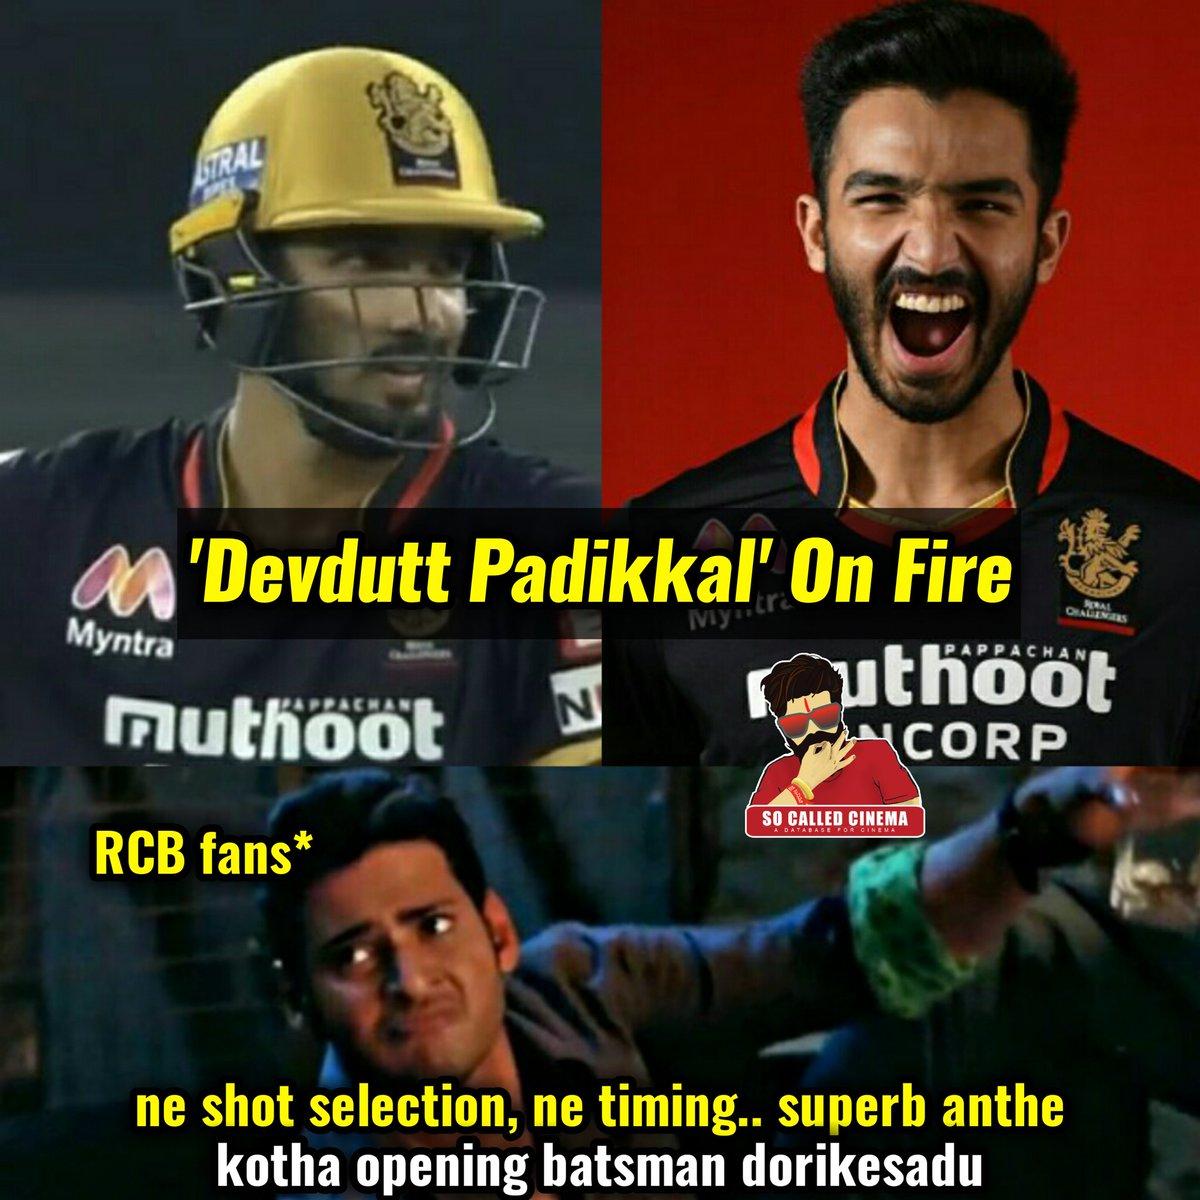 DEVDUTT PADIKKAL 🔥🔥  #DevduttPadikkal #SRHvRCB #IPL2020 #RCB #SRH #SoCalledCinema https://t.co/4whw7edDRD